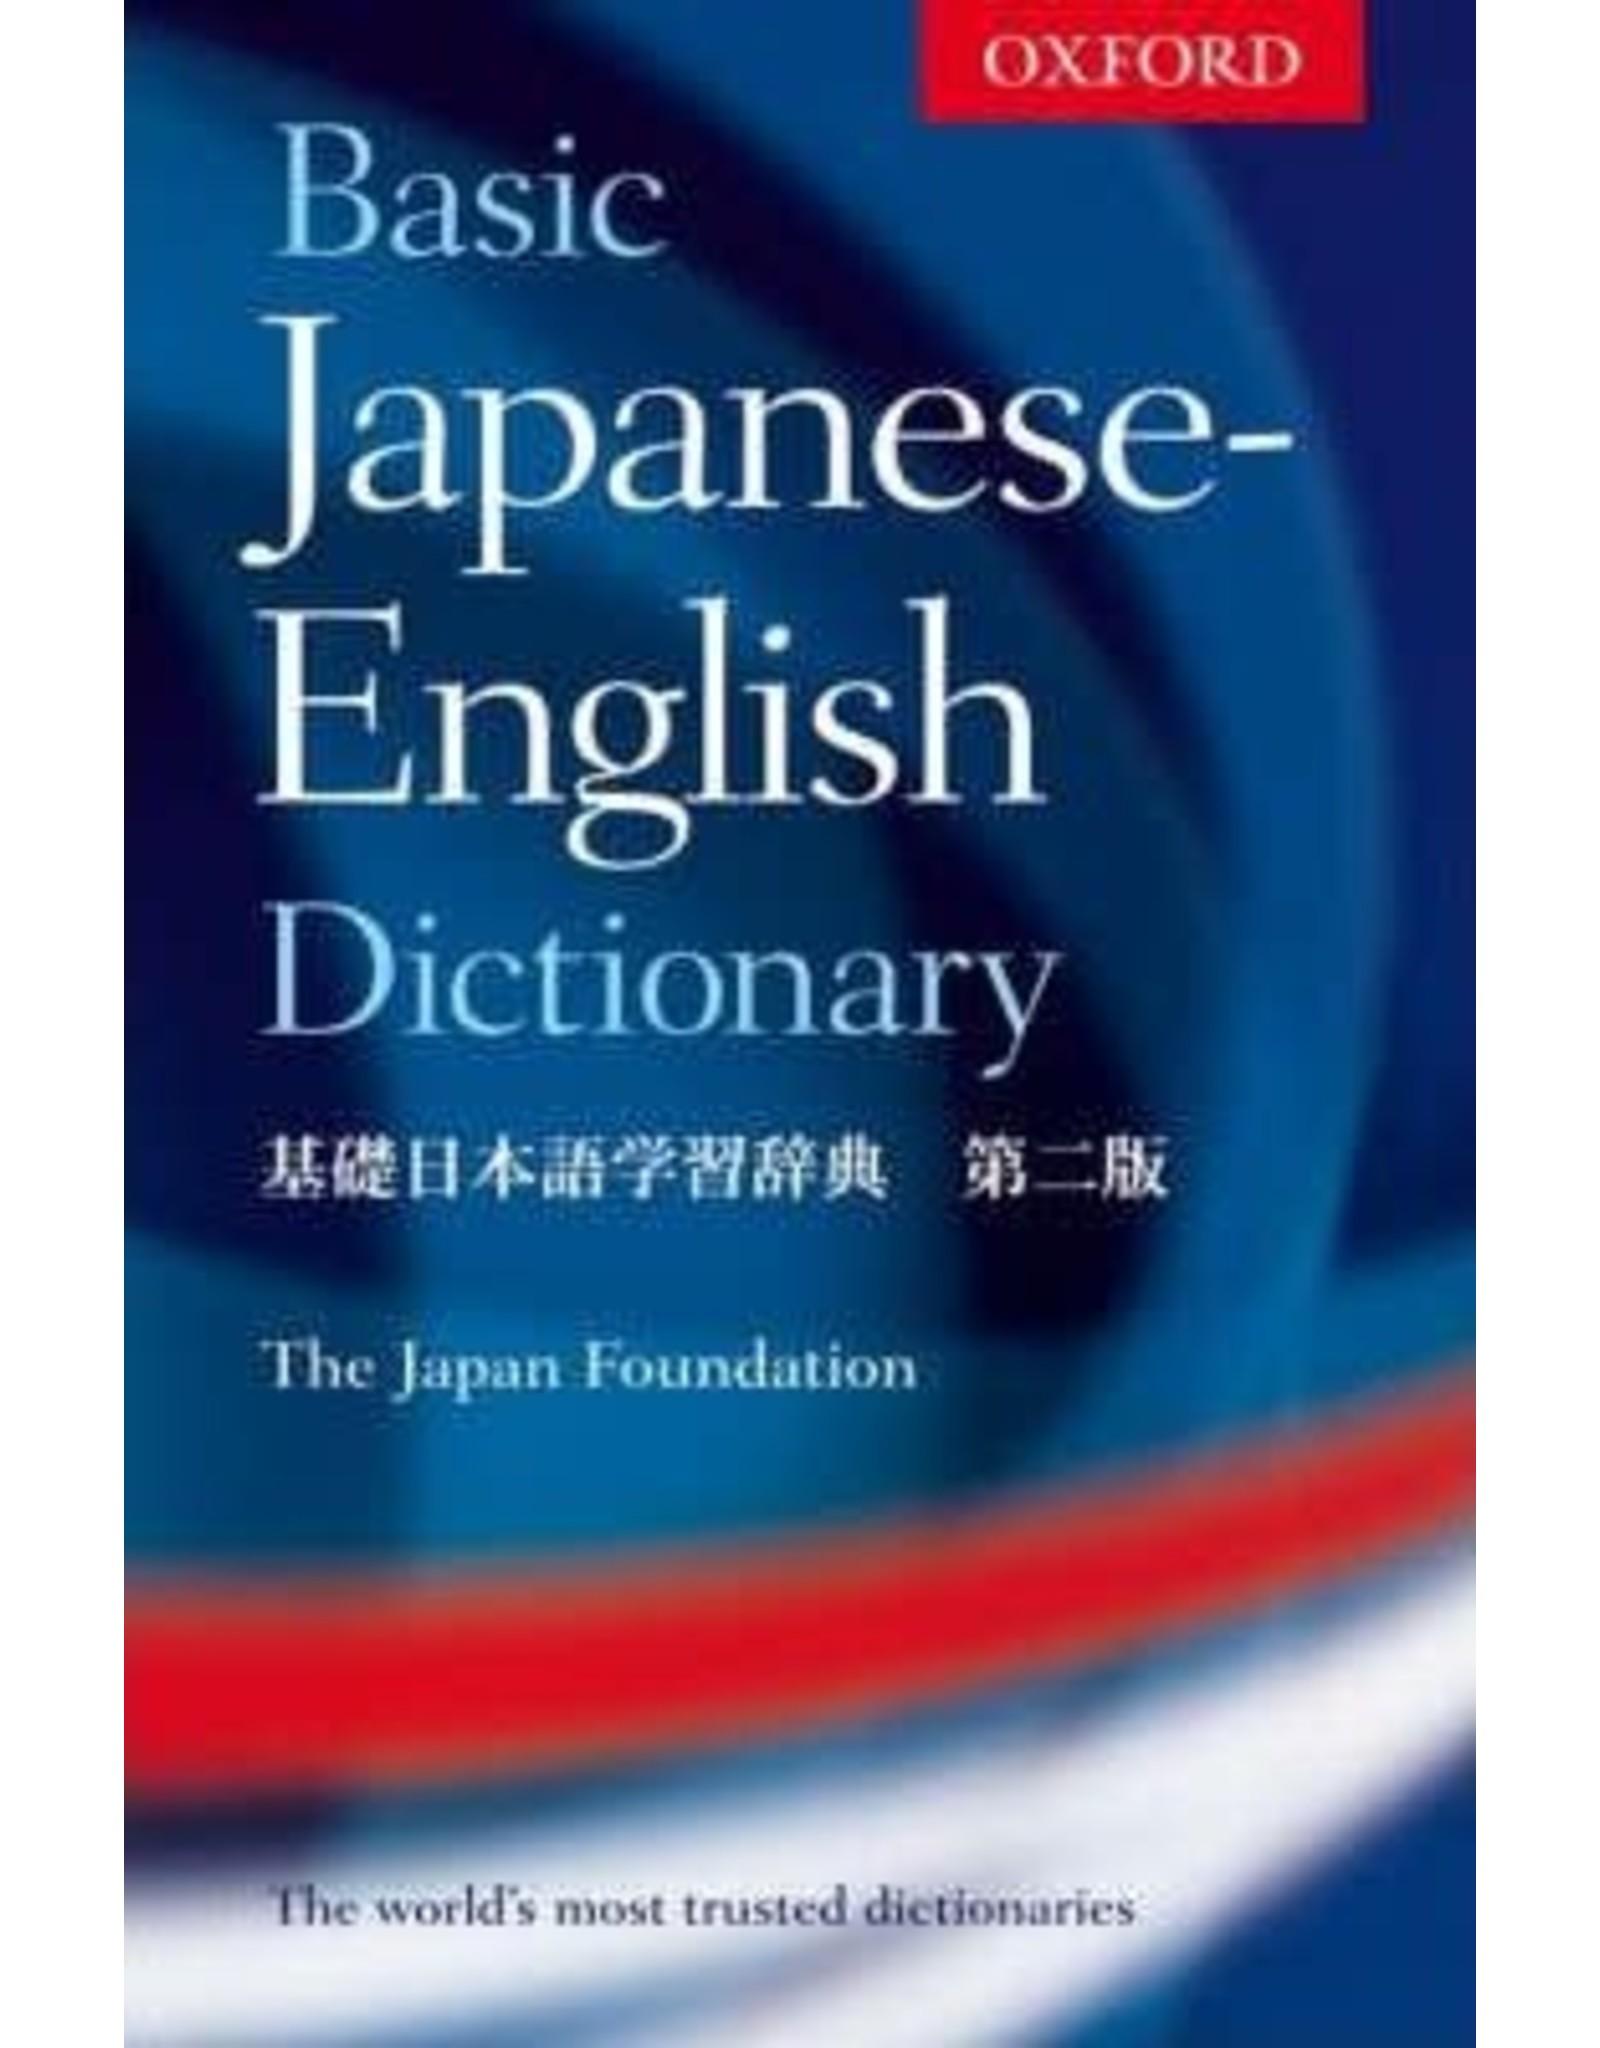 Oxford University Press BASIC JAPANESE ENGLISH DICTIONARY